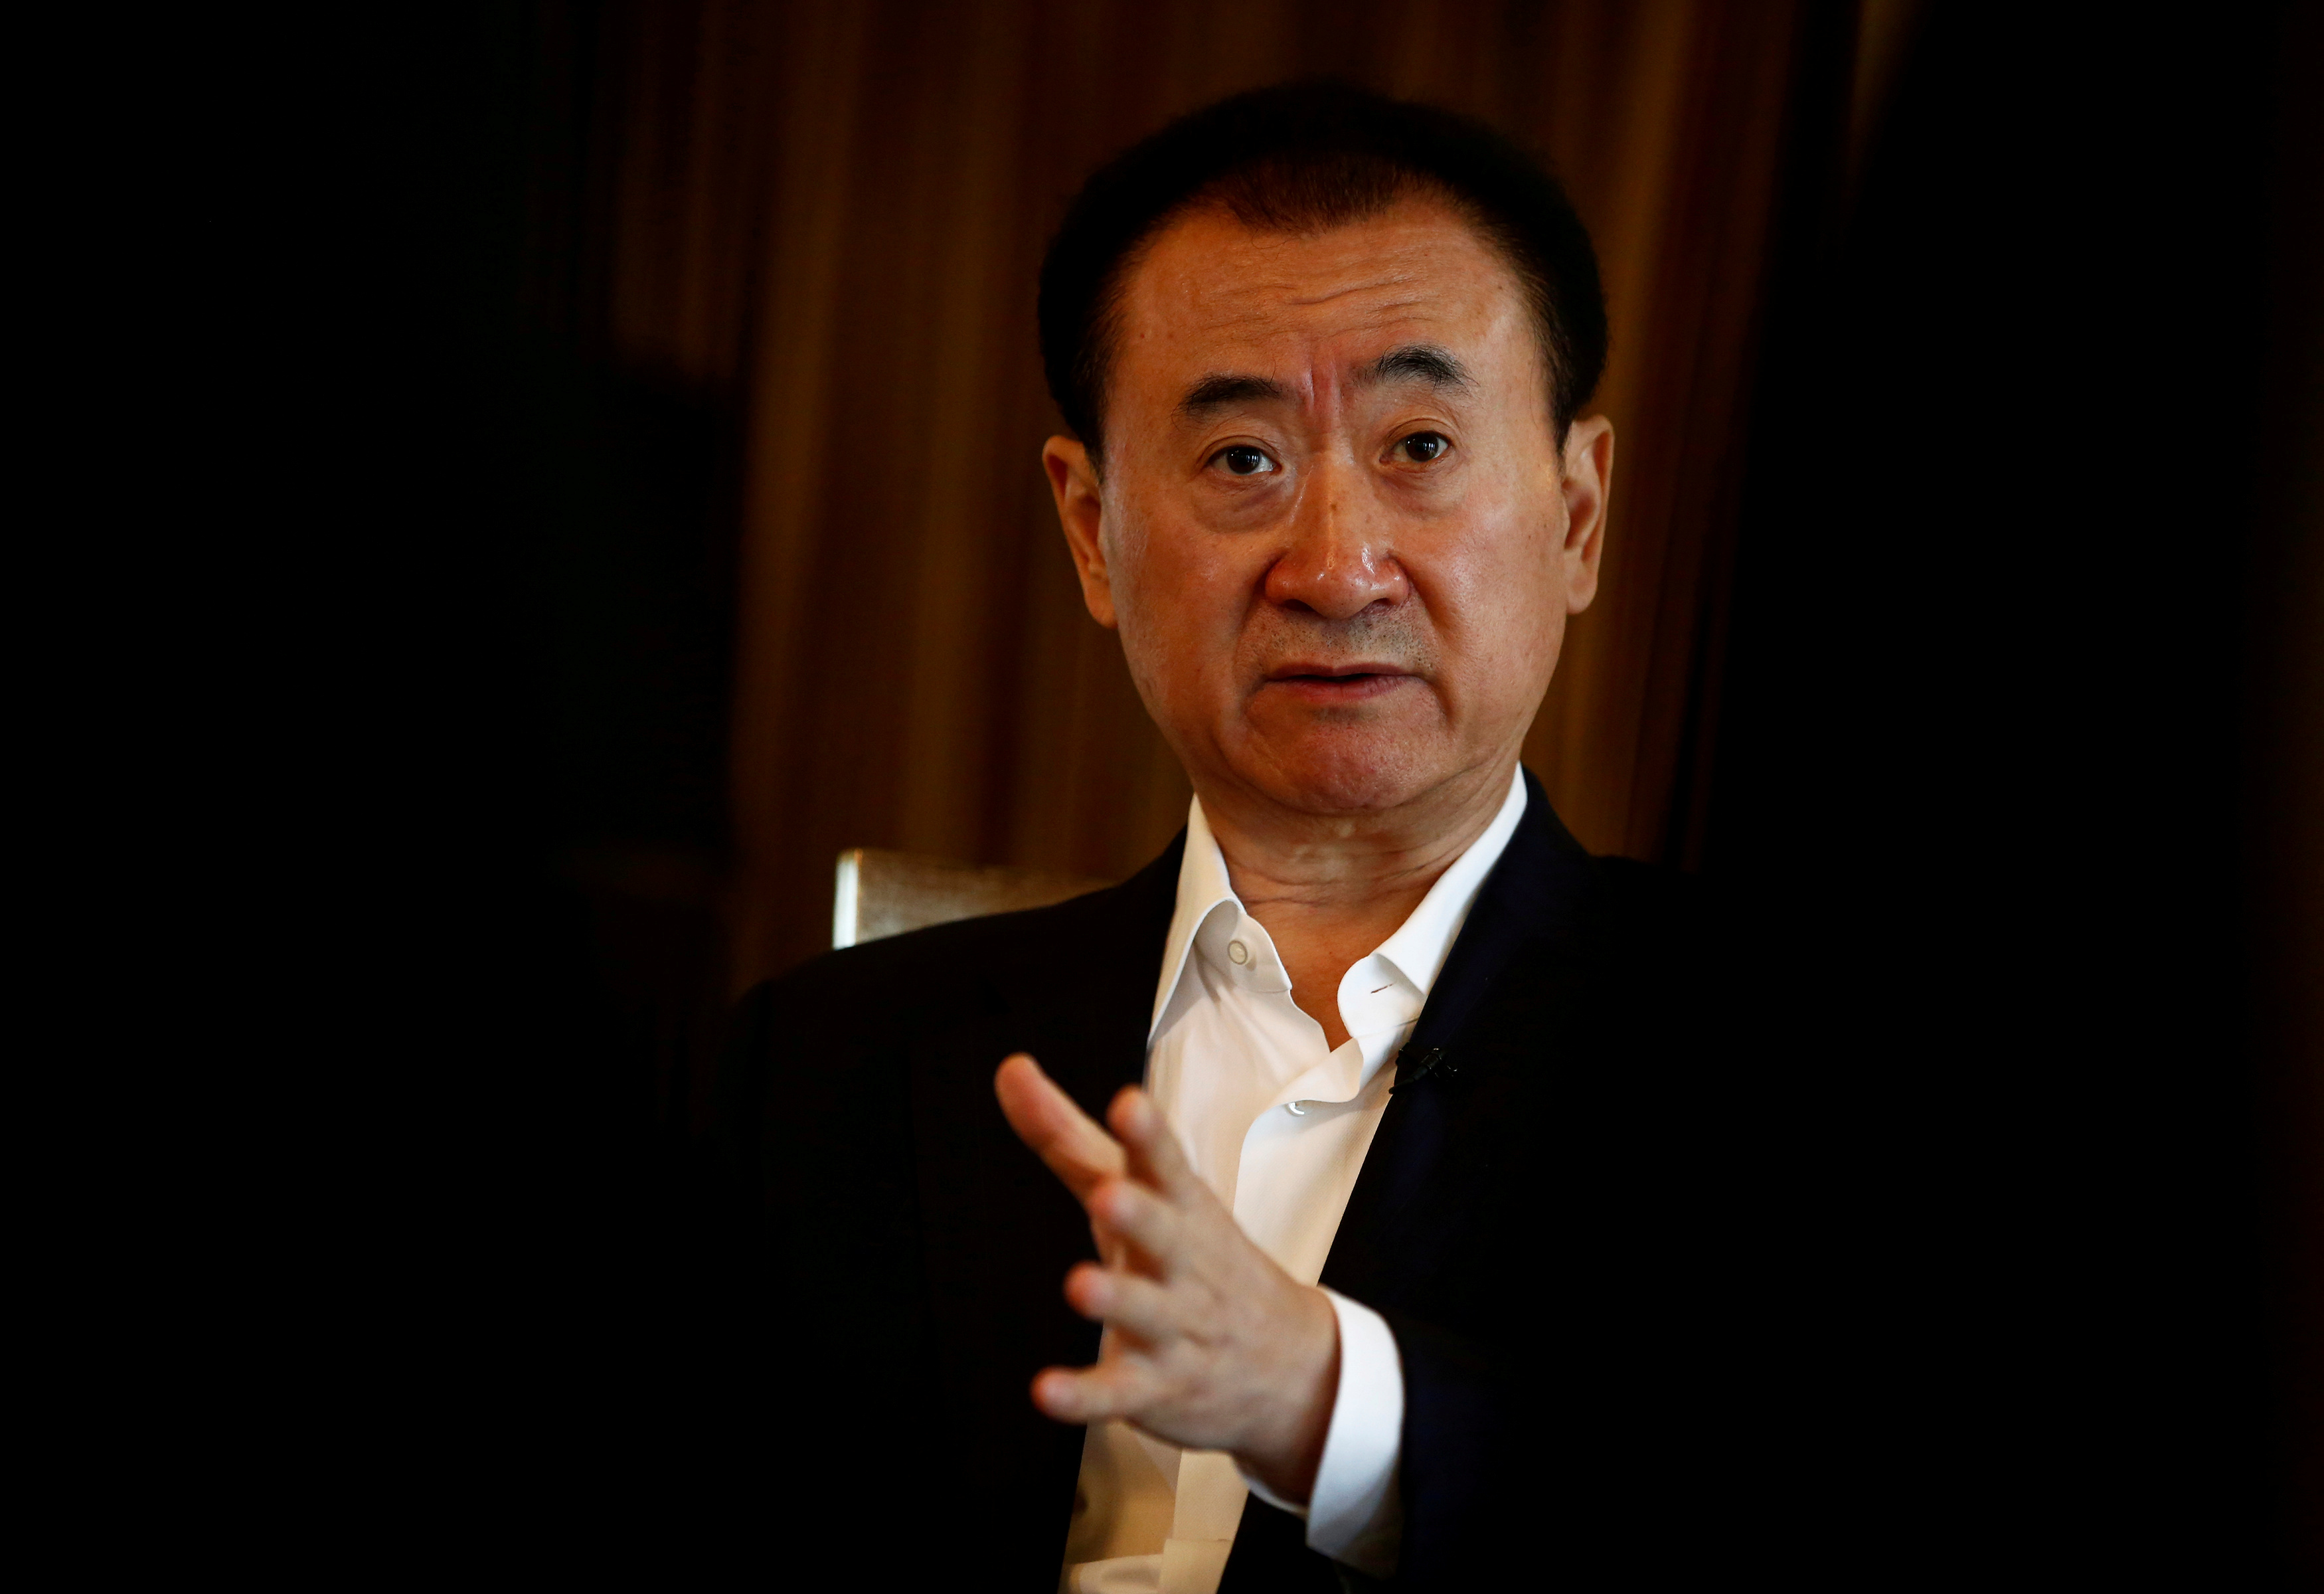 Wang Jianlin, chairman of the Wanda Group, speaks during an interview in Beijing